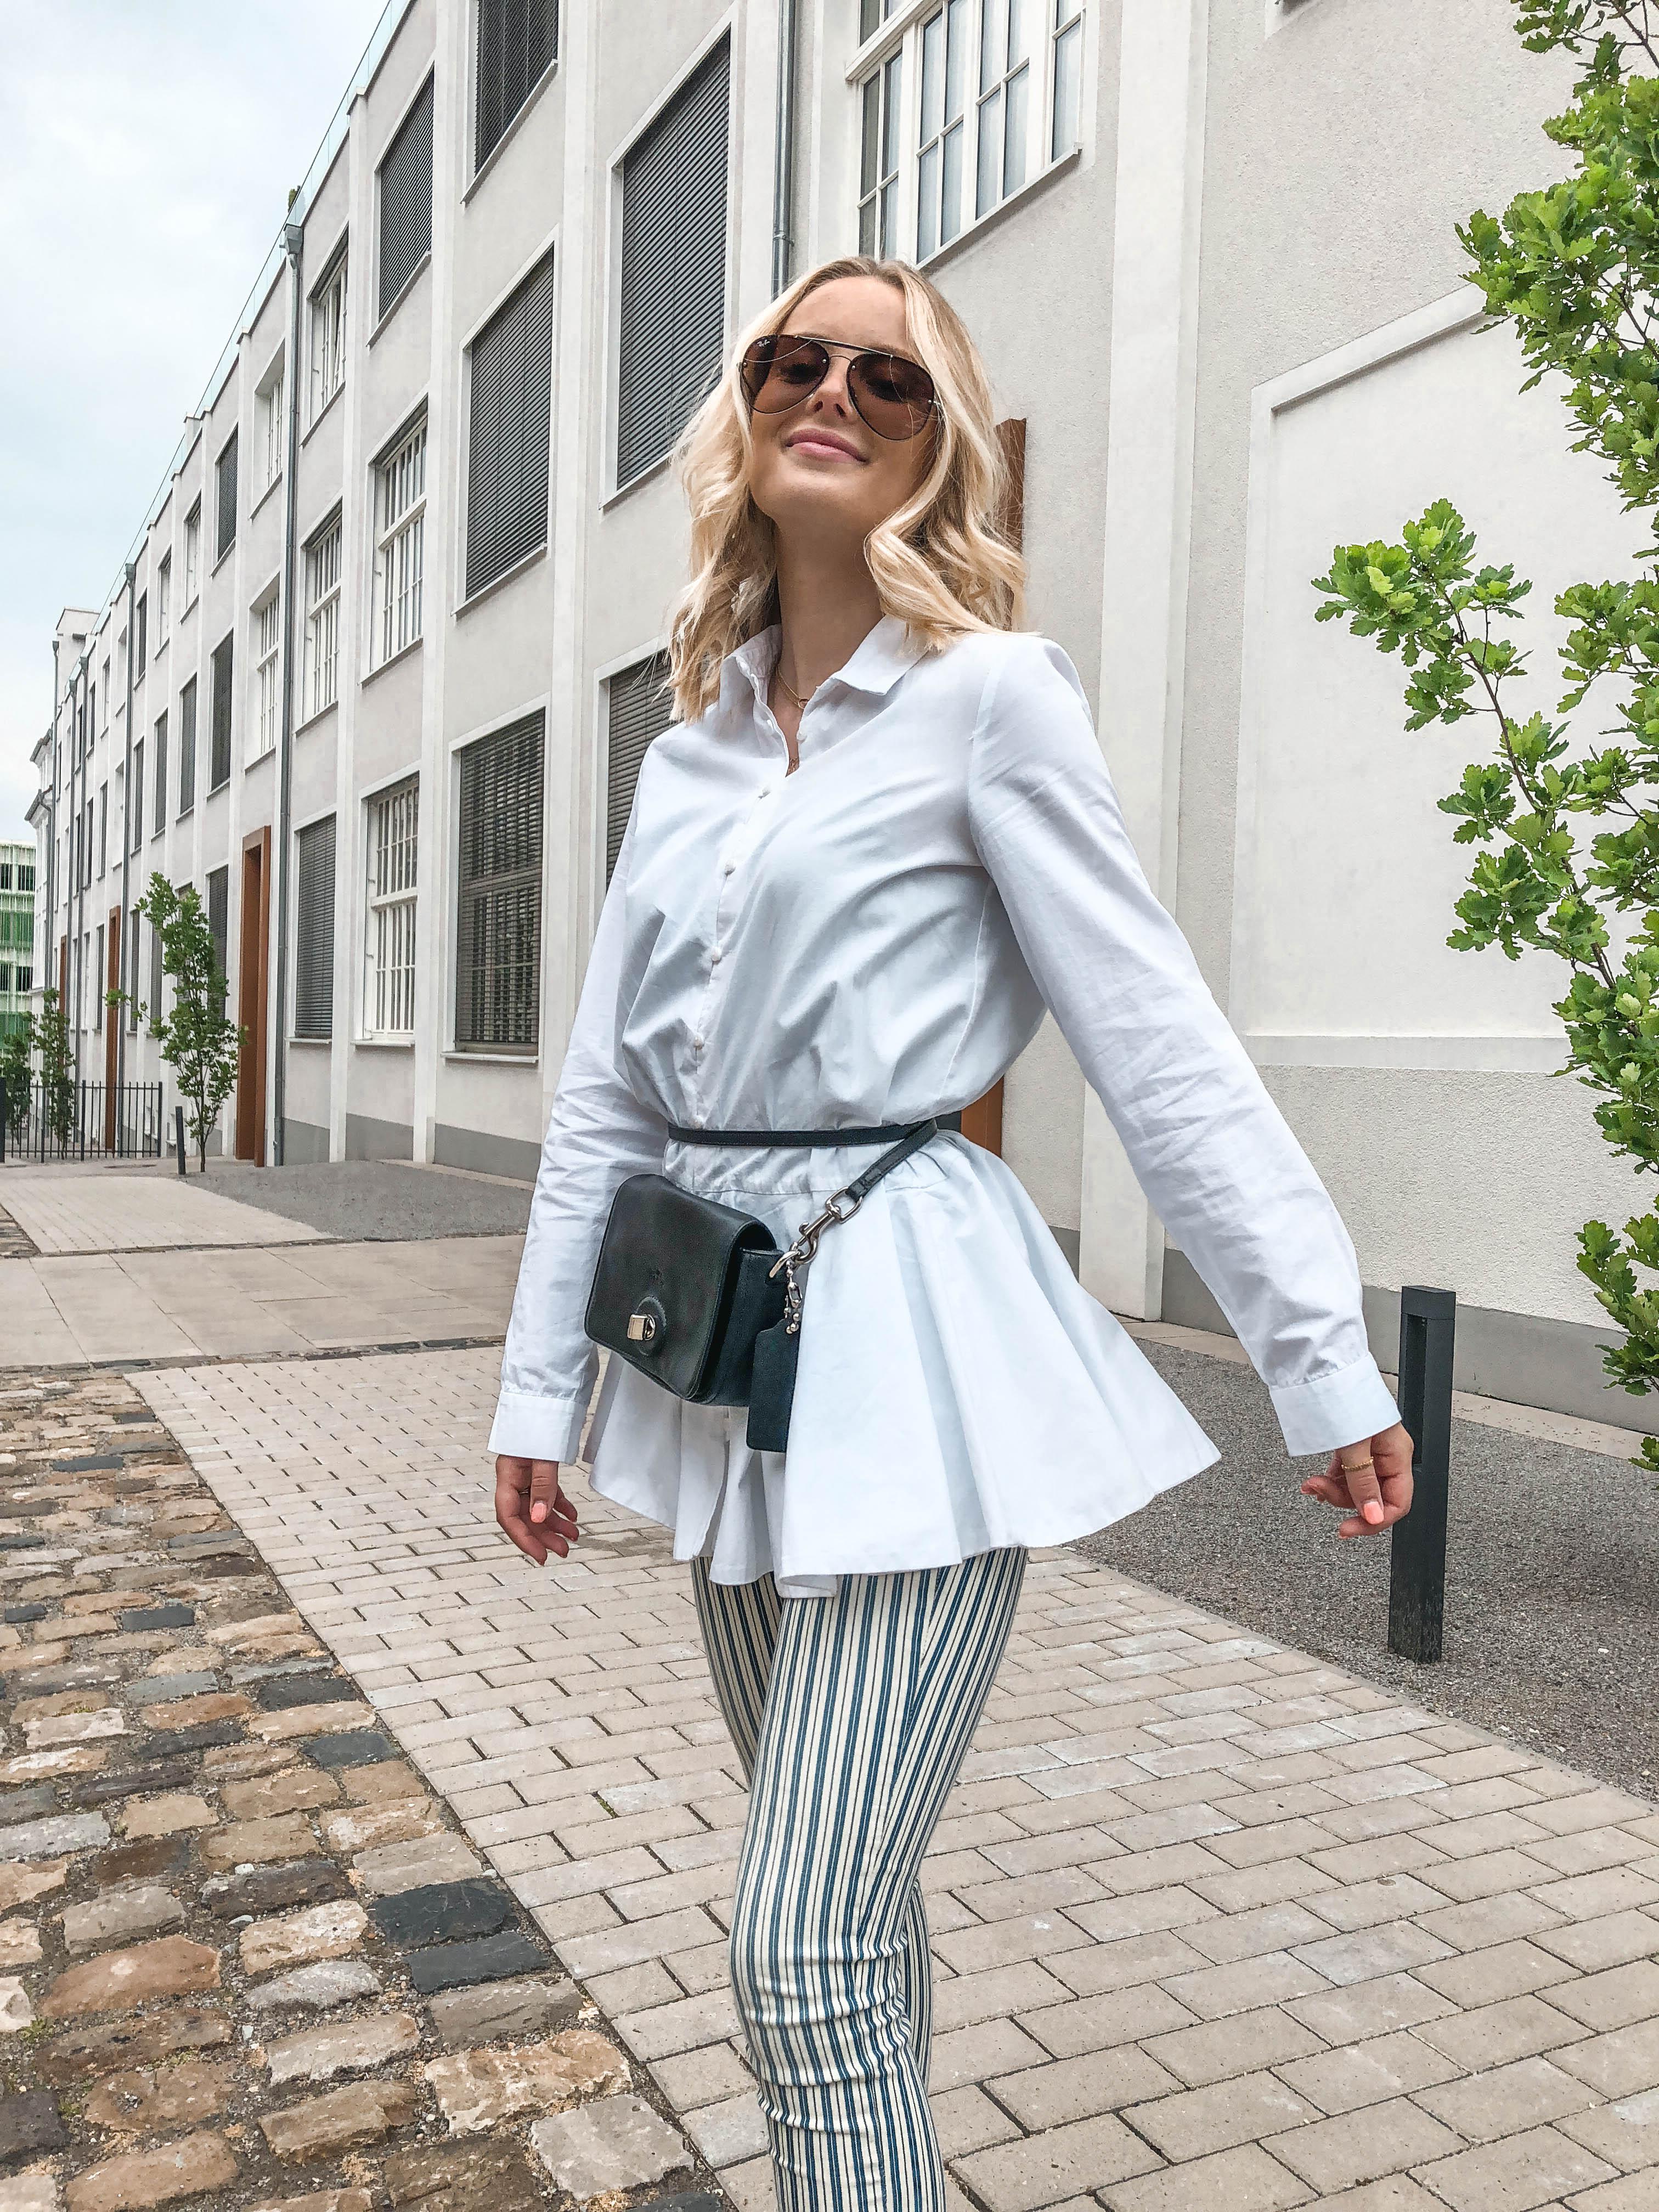 Gestreifte Jeans mit Regenbogen-Sneakern - KIM ENGEL